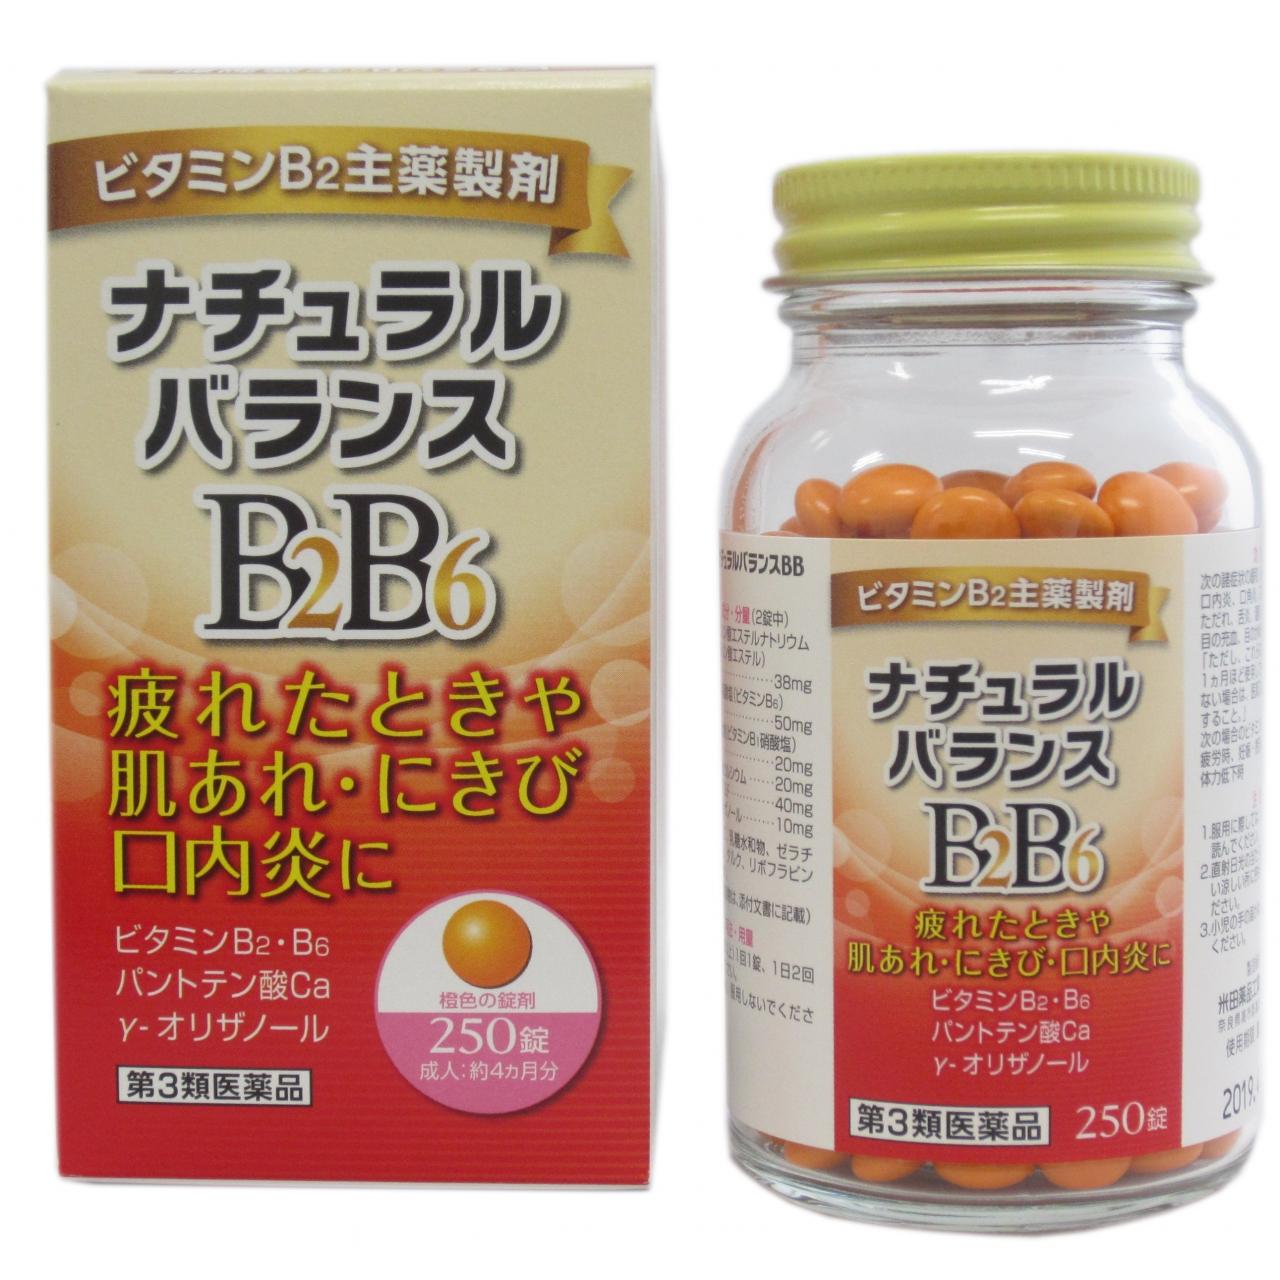 錠剤 ビタミン